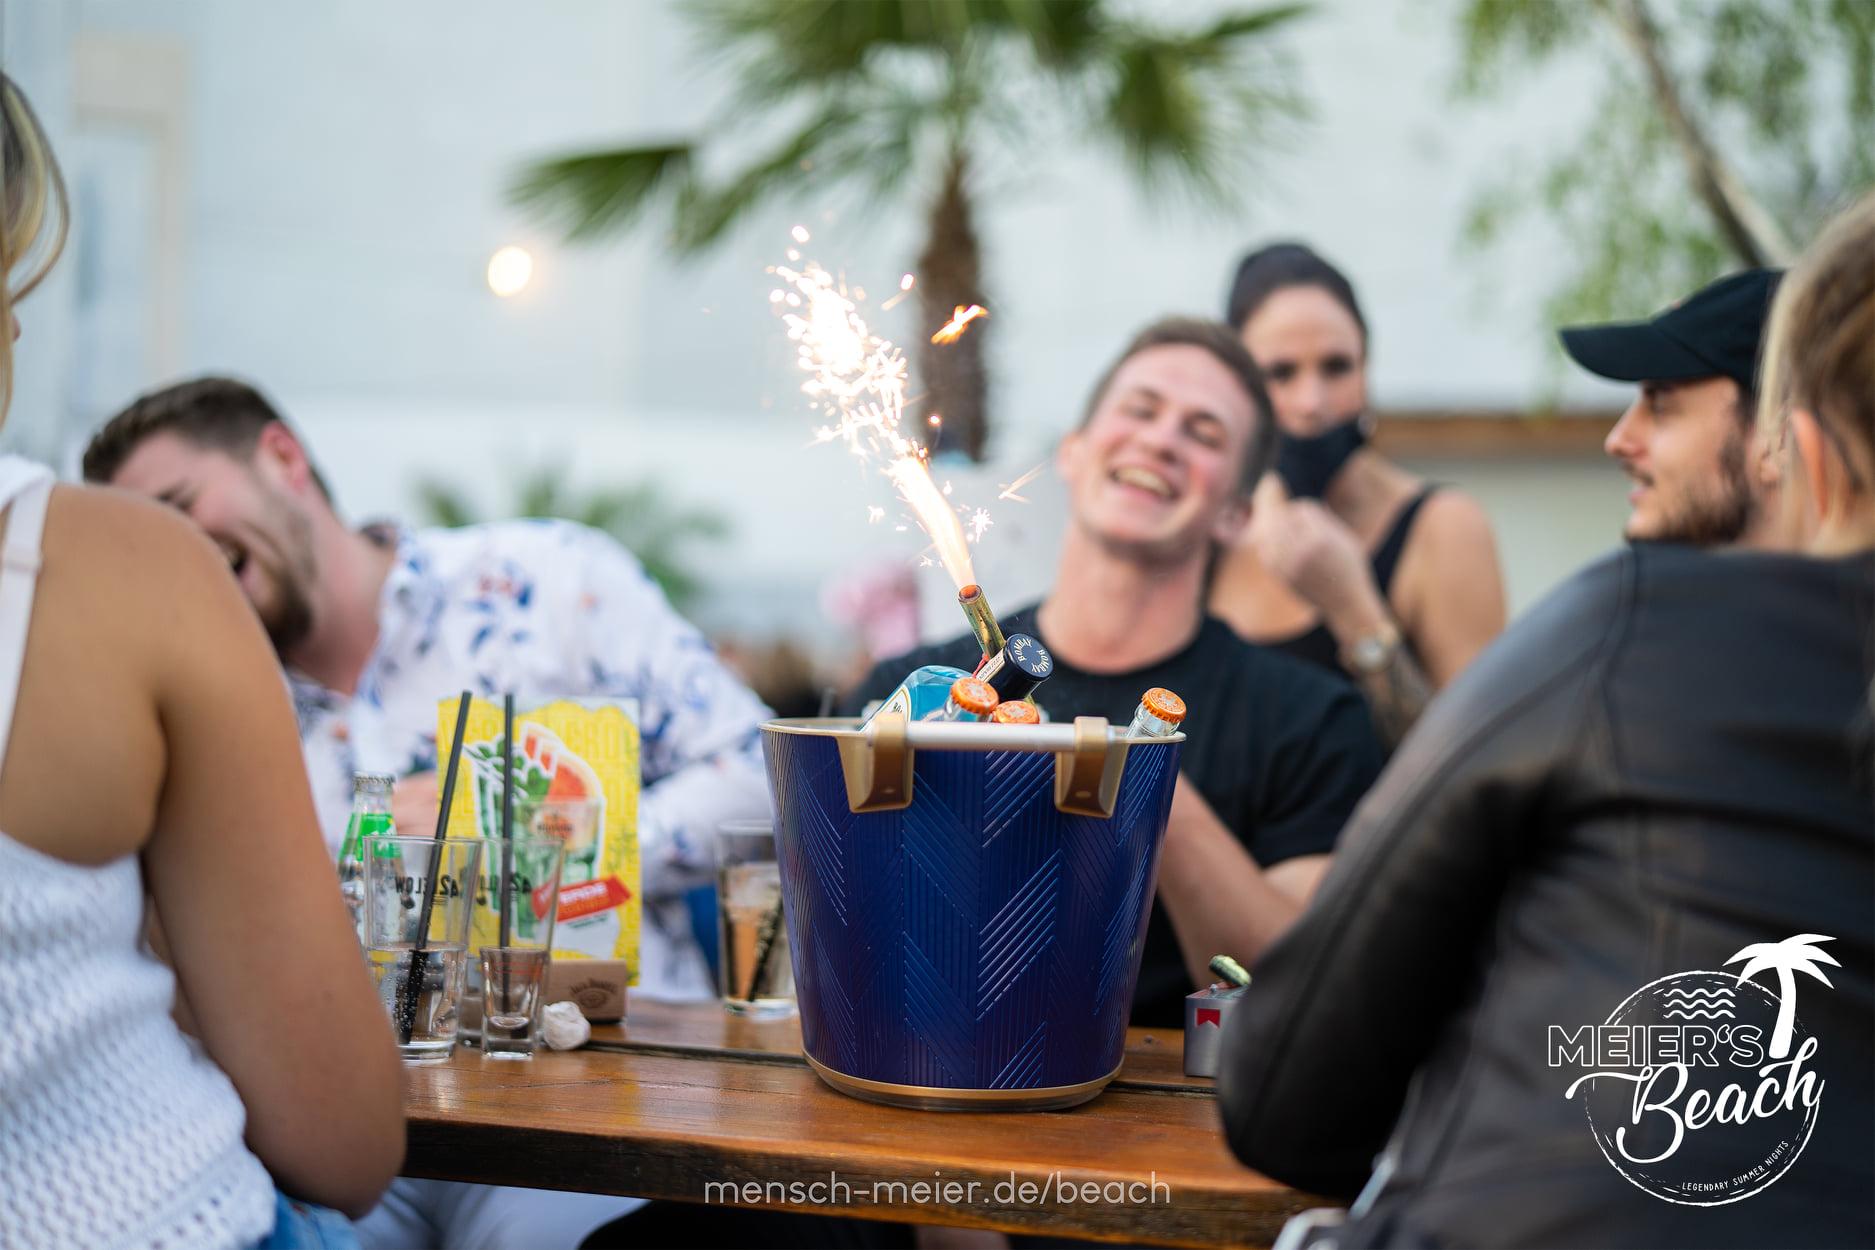 Strandbar Meier's Beach Foto Gäste 11.07.2020